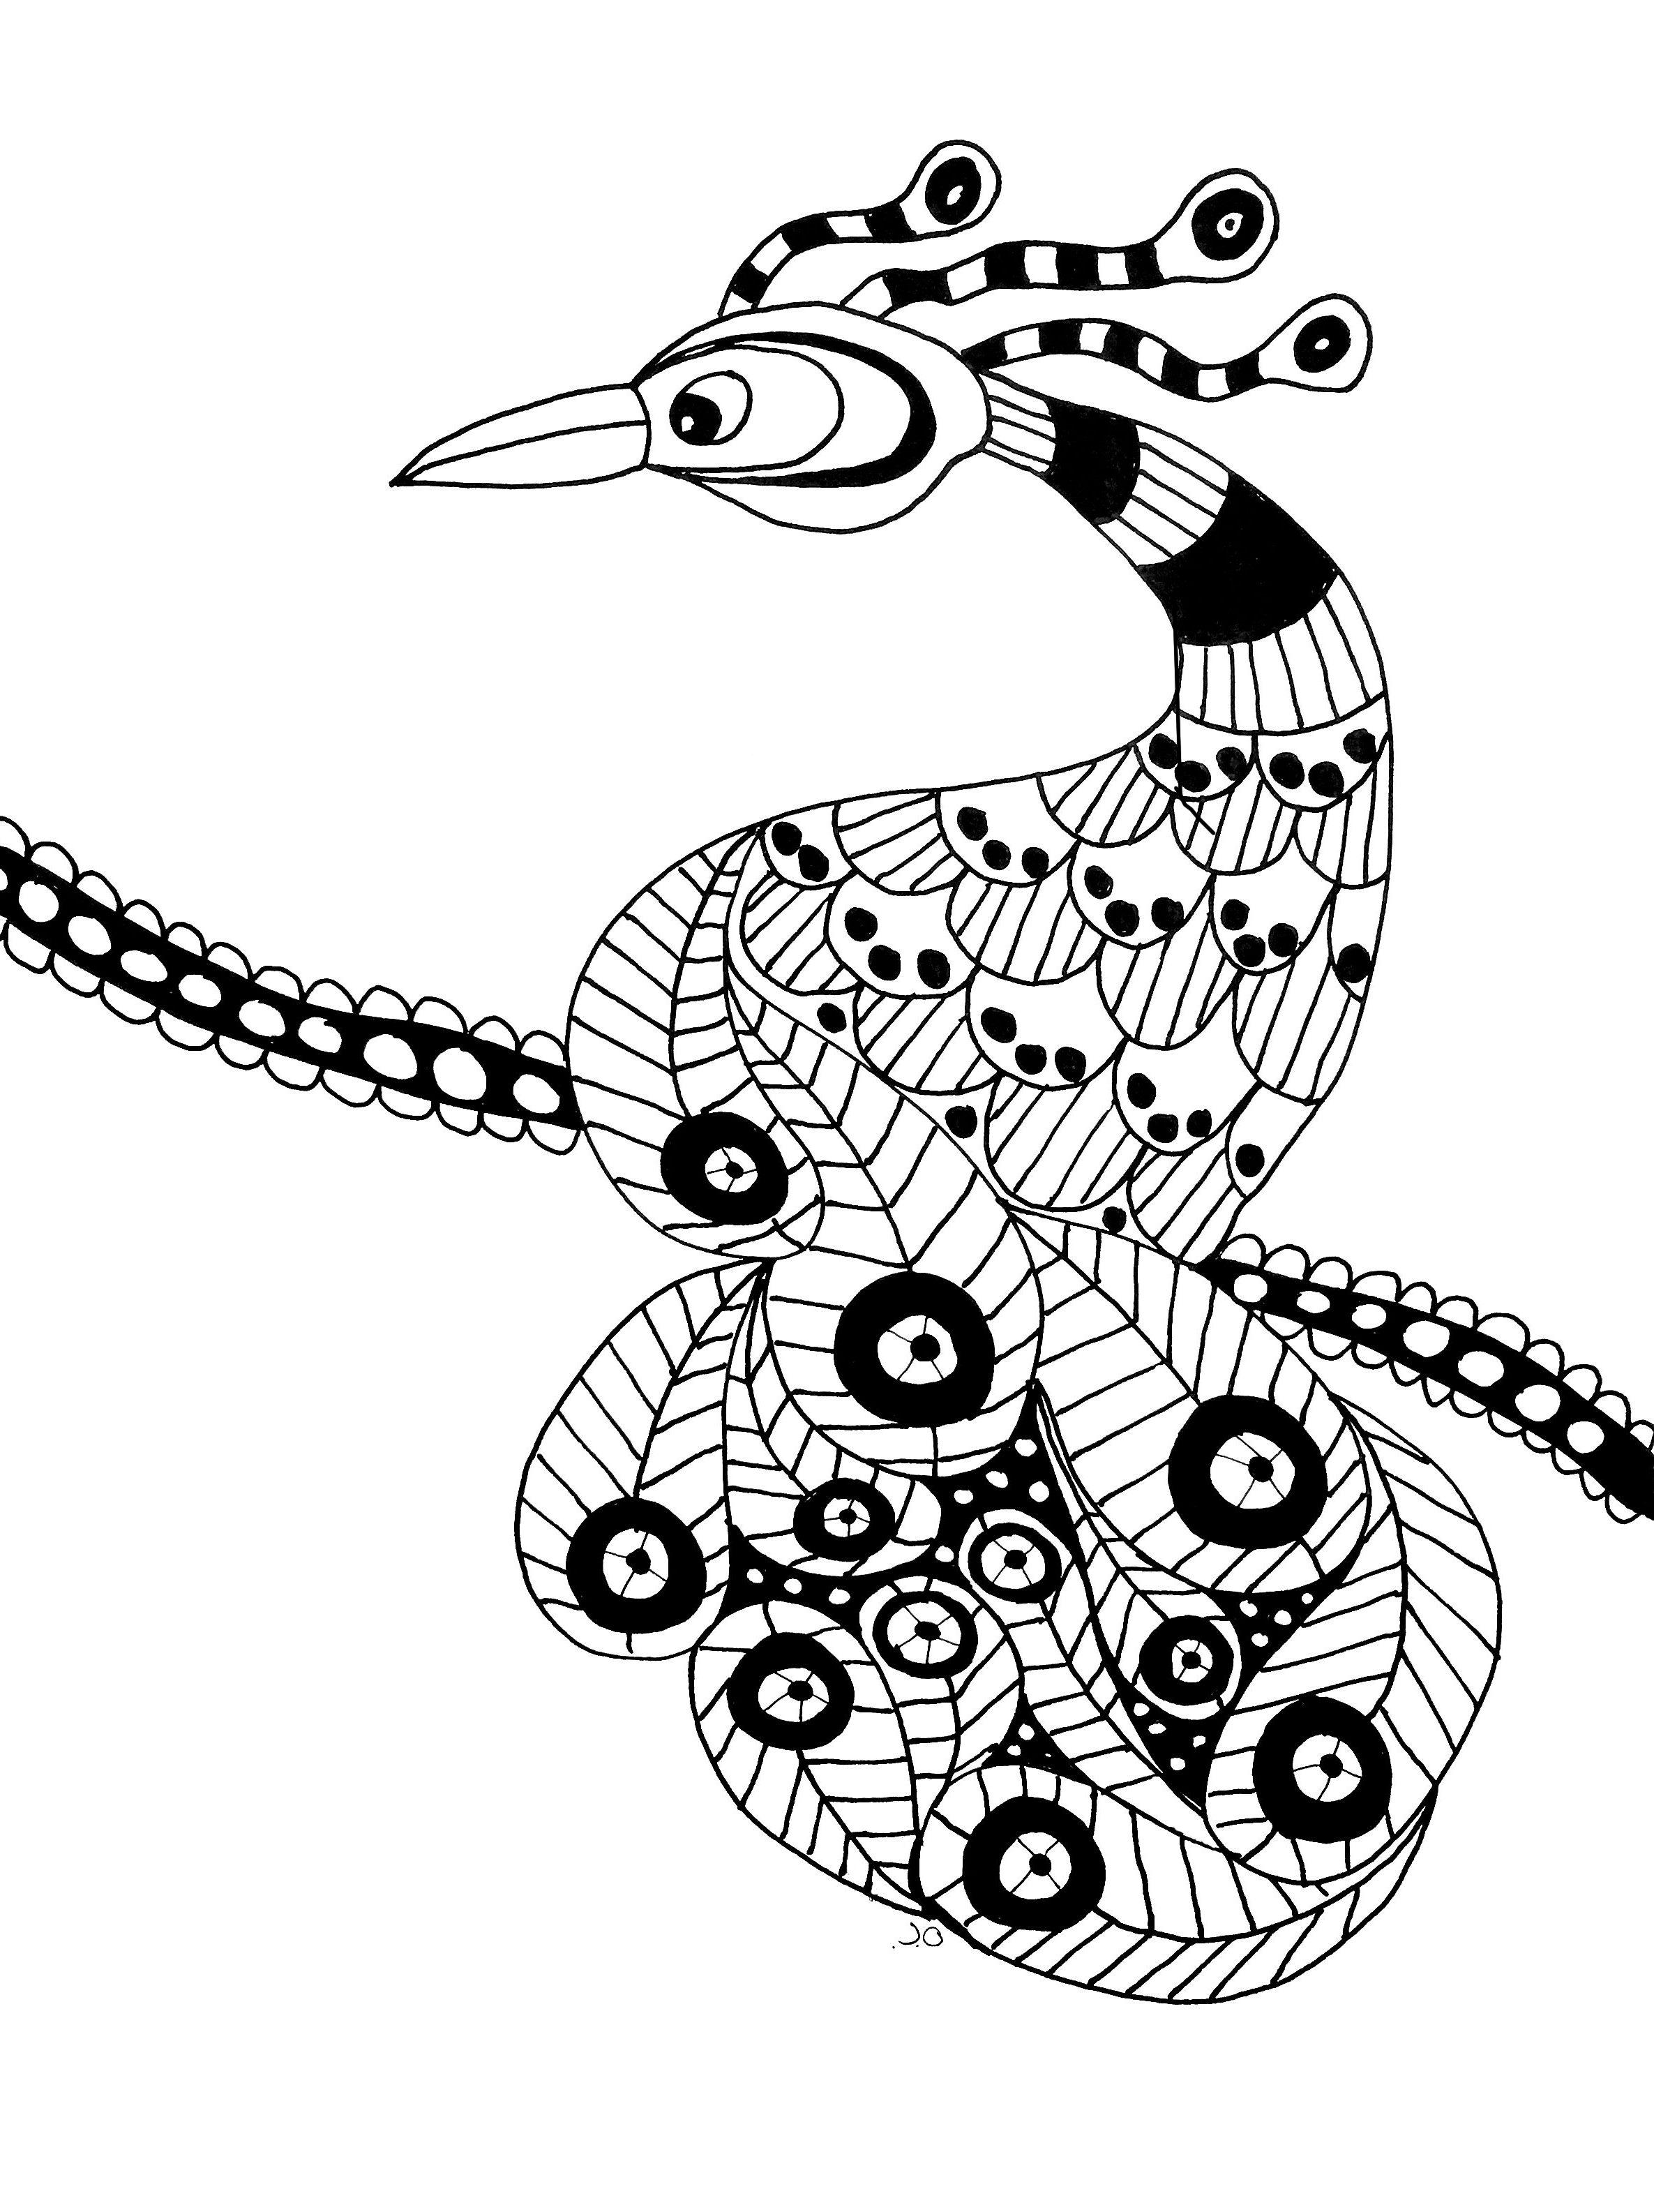 Oiseau coloriages d 39 animaux 100 mandalas zen anti - Imprimer des mandalas gratuit ...